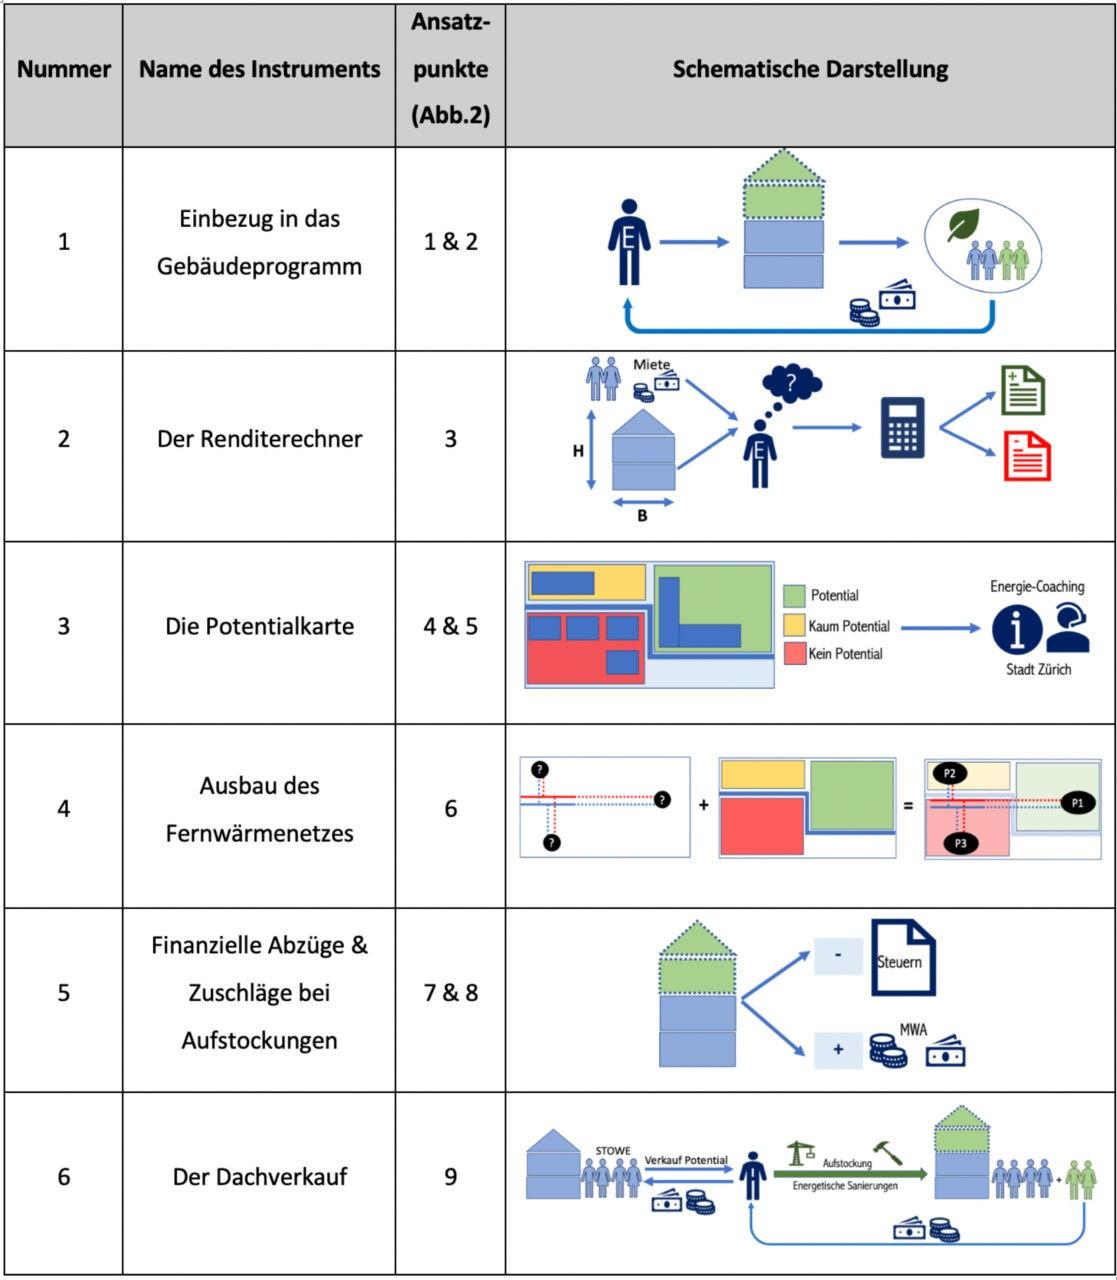 Trutmann: Abbildung 1: Schematische Darstellung der Einsatzorte der Instrumente im Aufstockungsprozess. E = Eigentümer. (Bildquelle: eigene Darstellung; vgl. Tabelle 1)